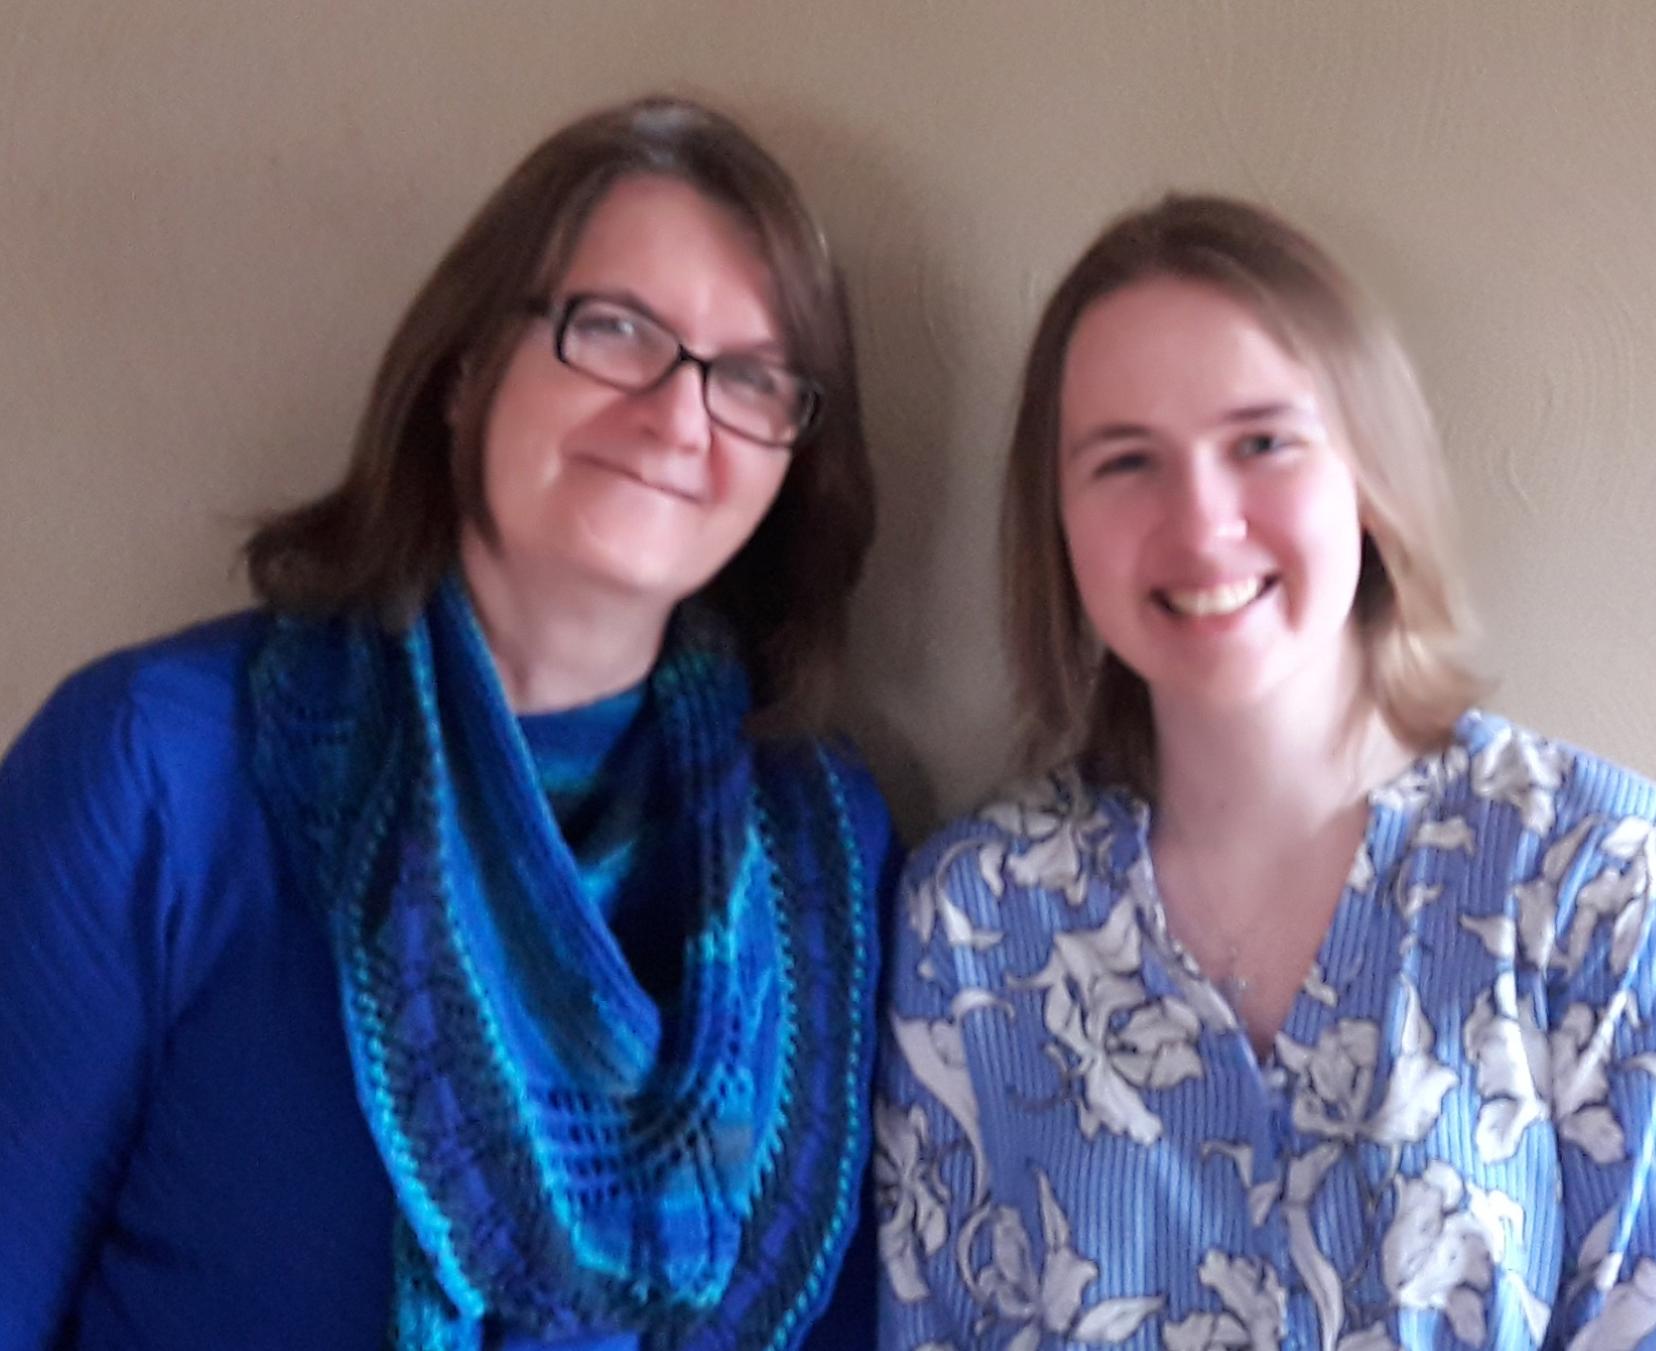 Mamos Almos ir dukros Audros draugystę sustiprino kartu išgyventi sunkumai.